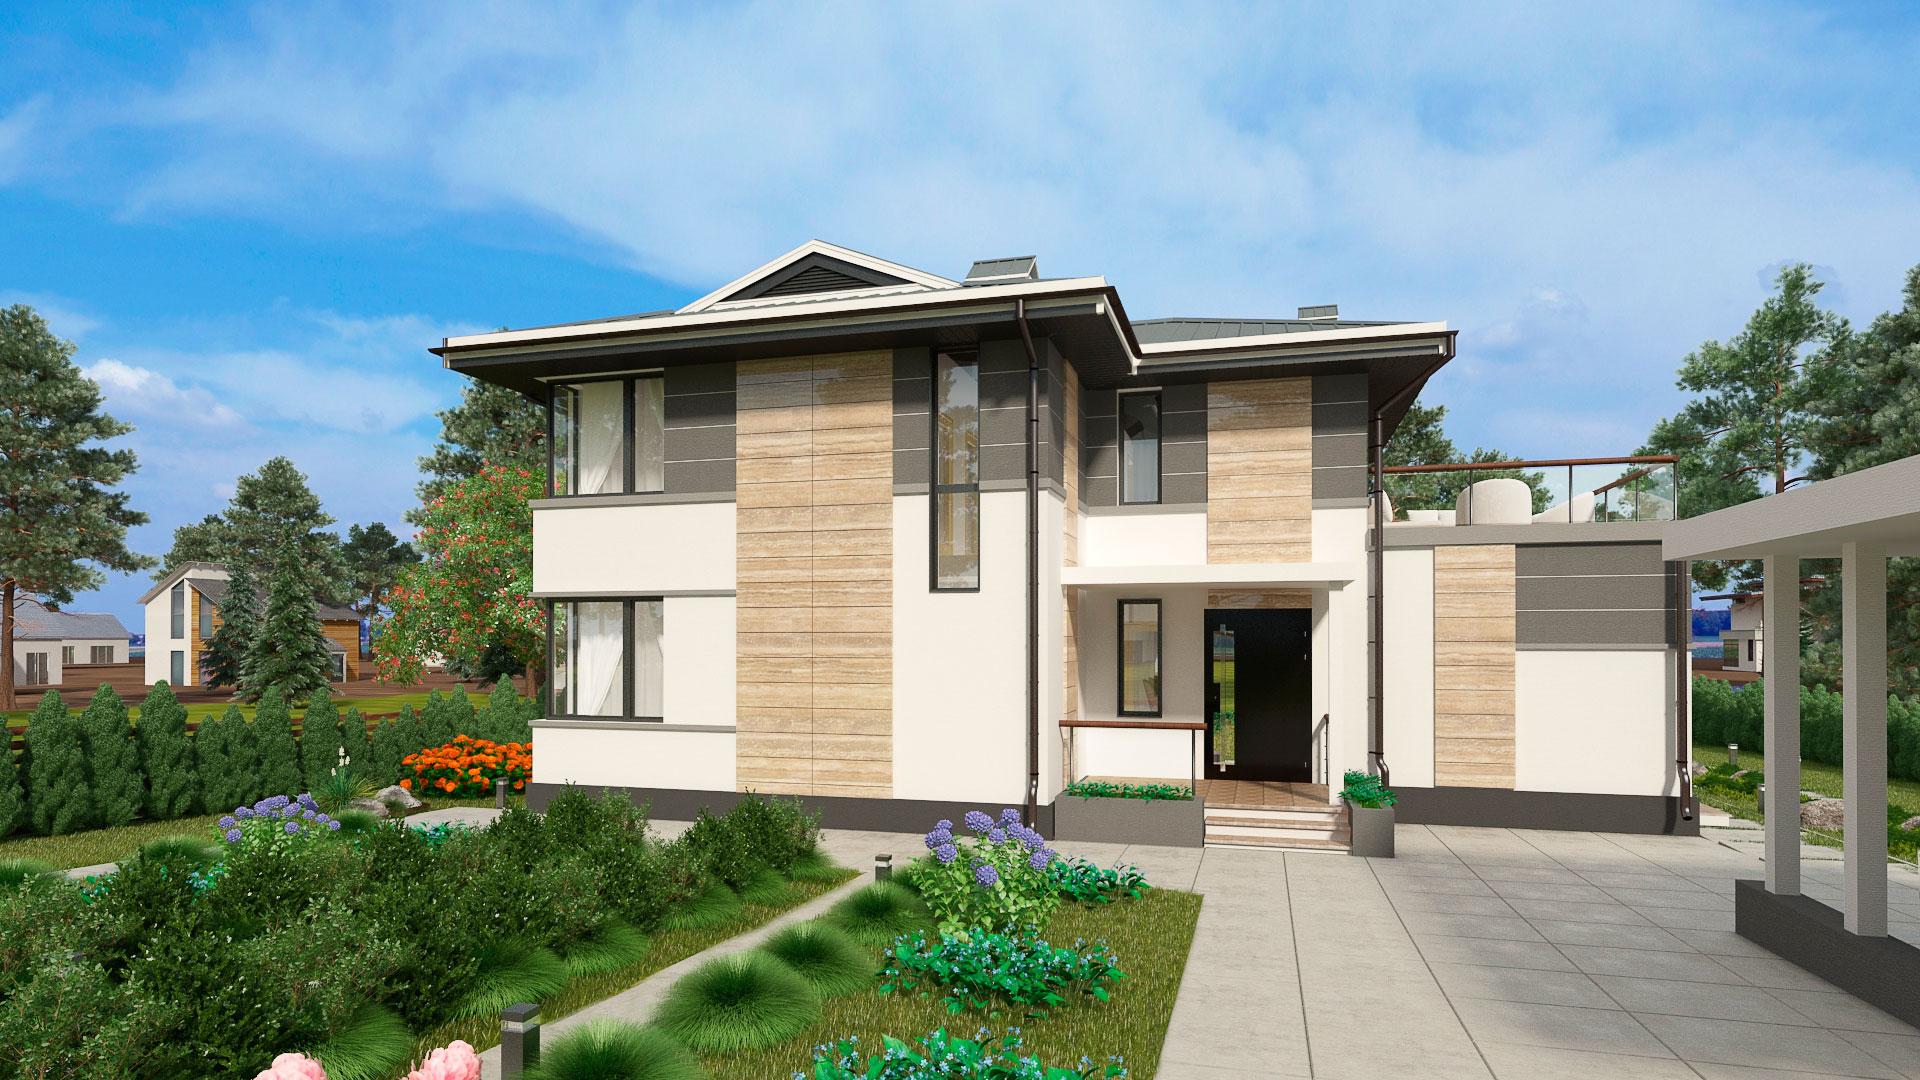 Передний фасад двухэтажного дома БЭНПАН, проект МС-224.